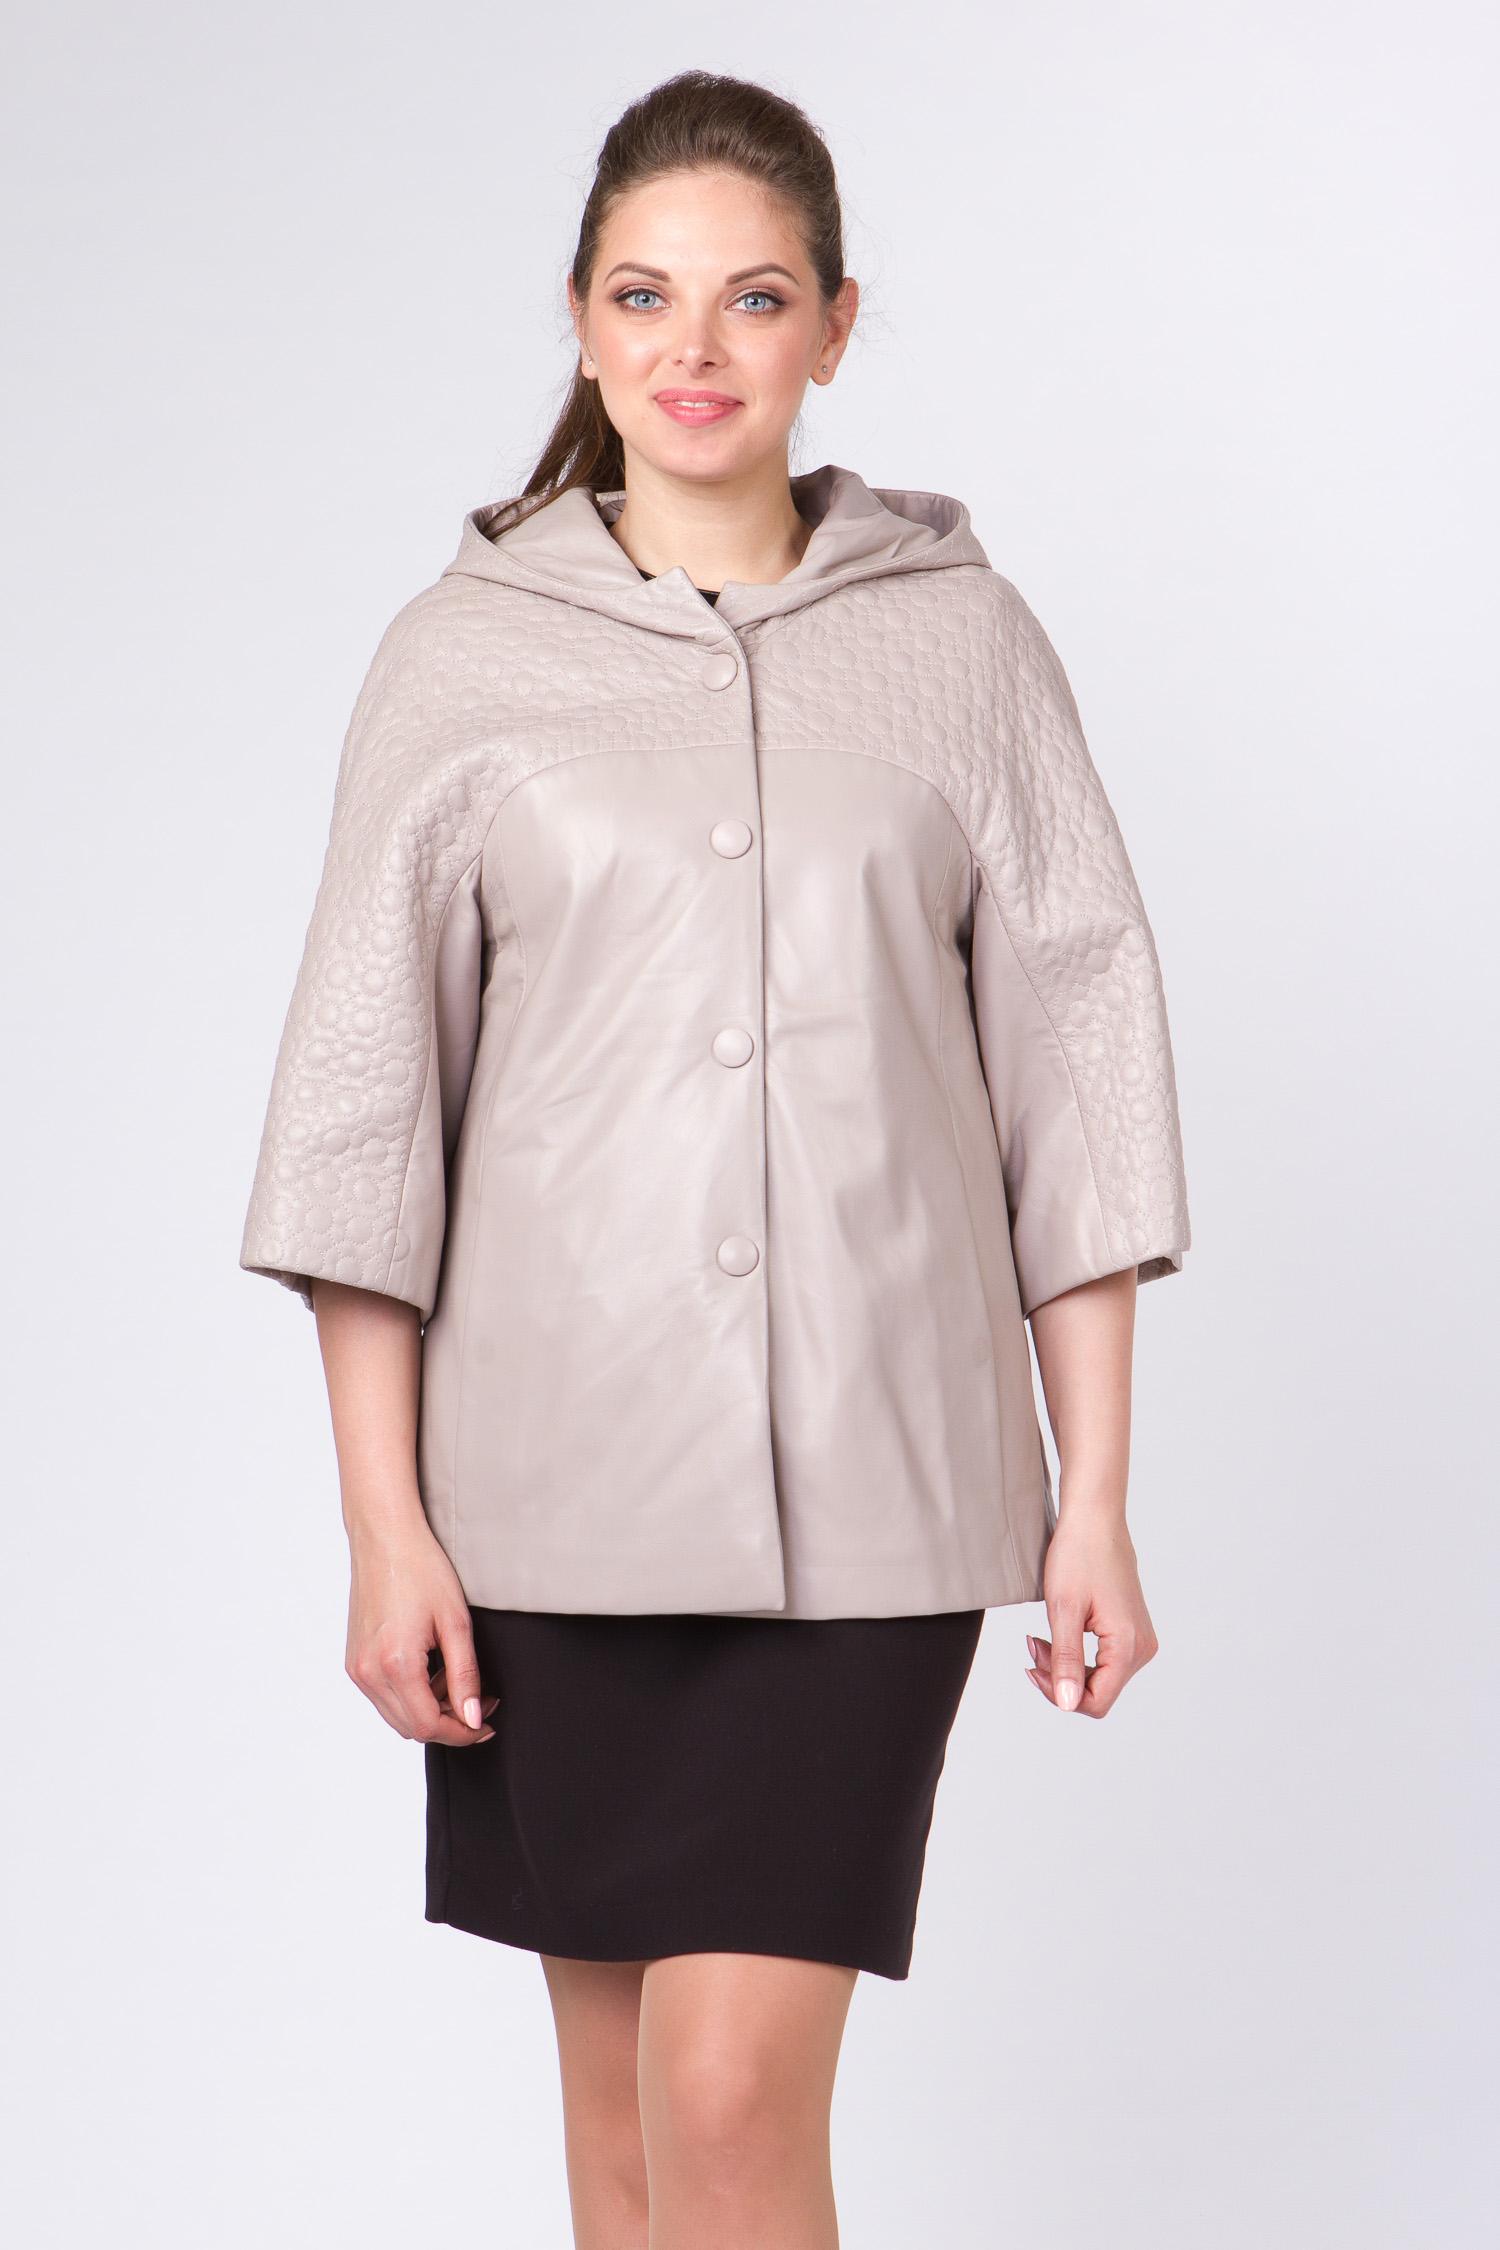 Женская кожаная куртка из натуральной кожи с капюшоном, без отделки